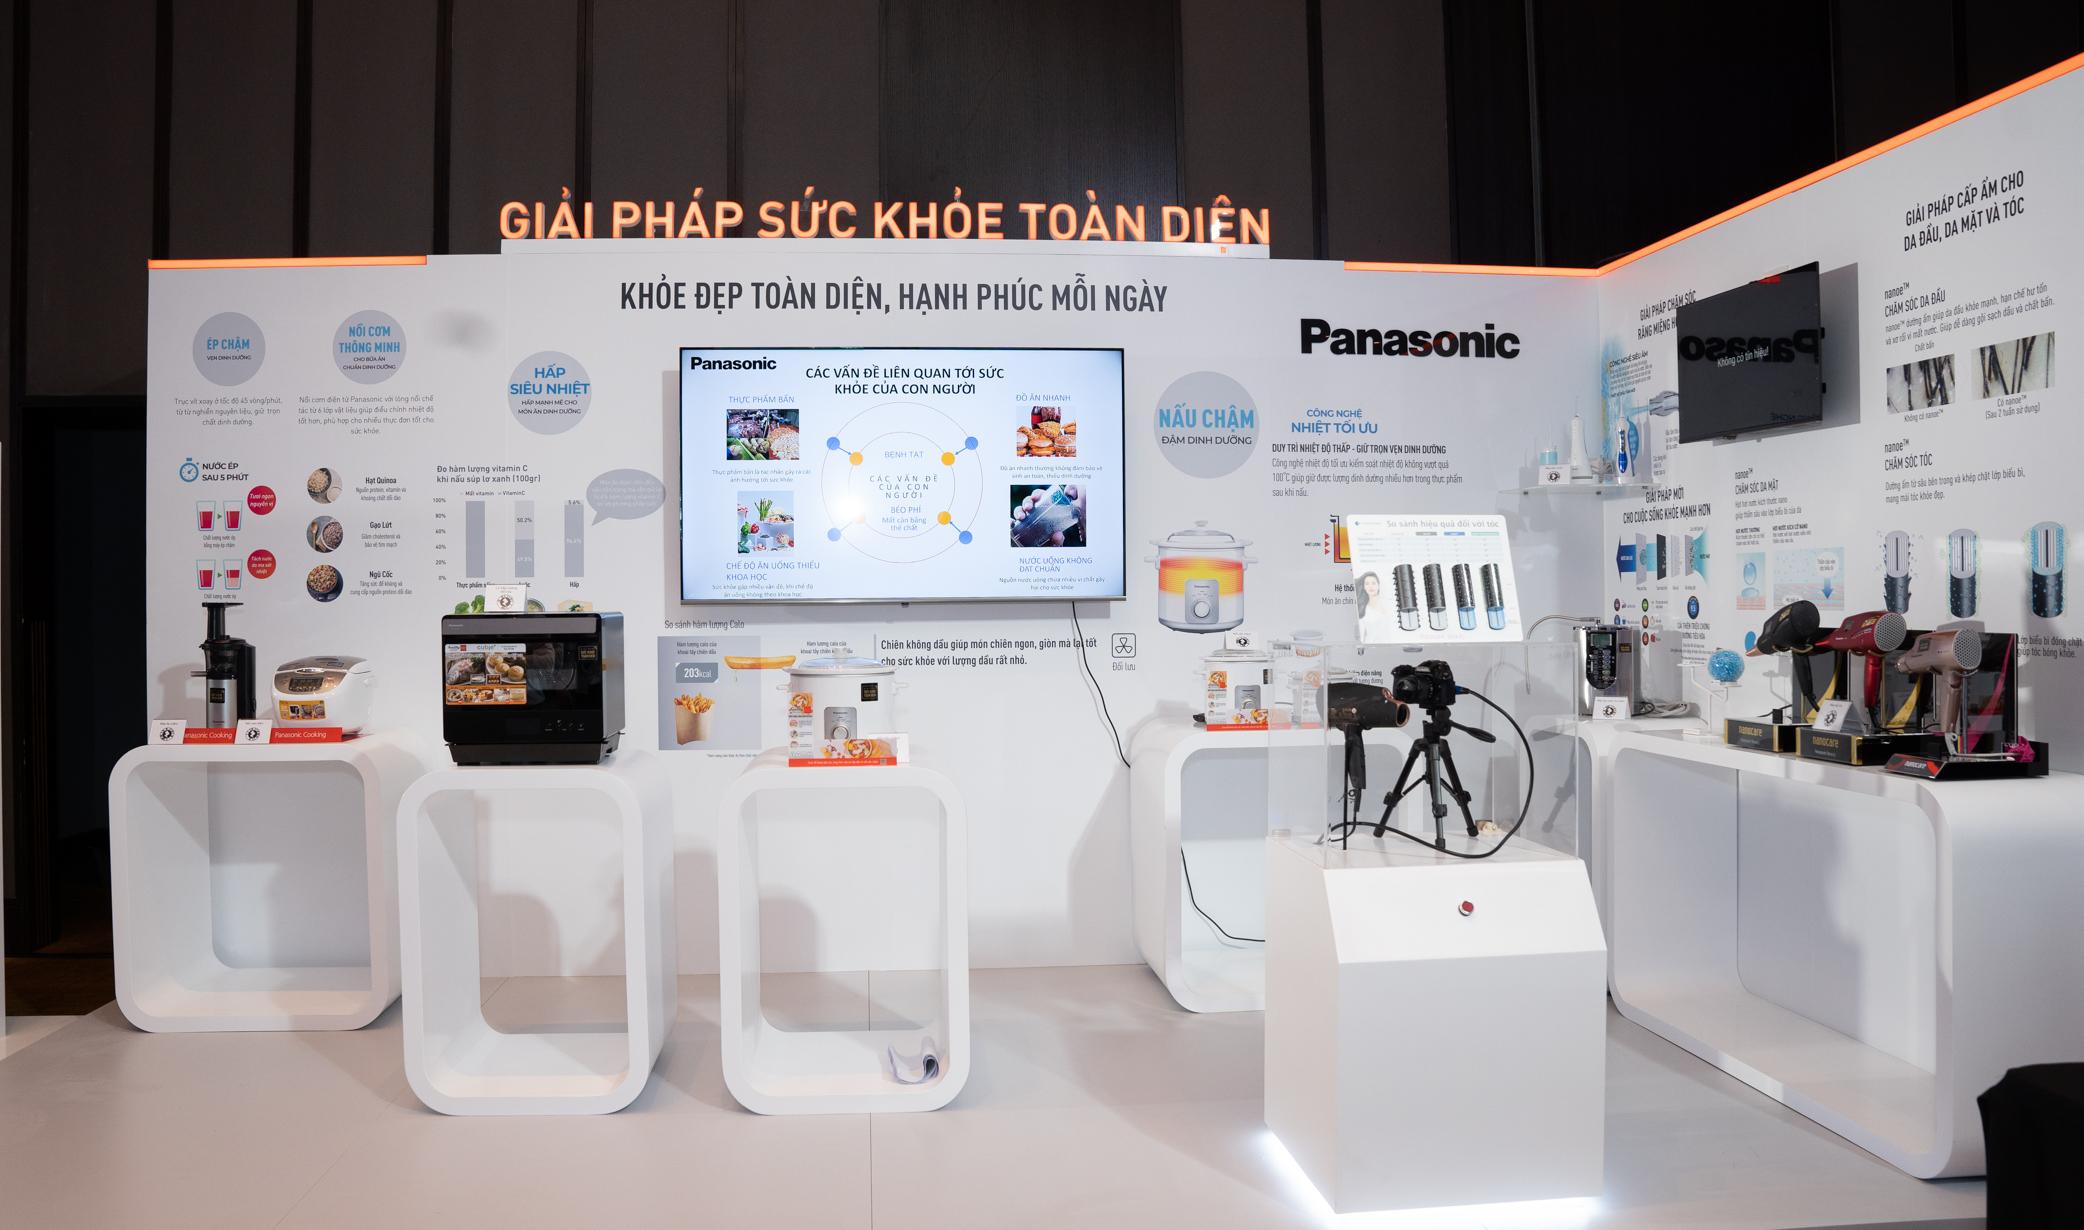 Giải pháp sức khỏe toàn diện ứng dụng nhiều công nghệ hiện đại.